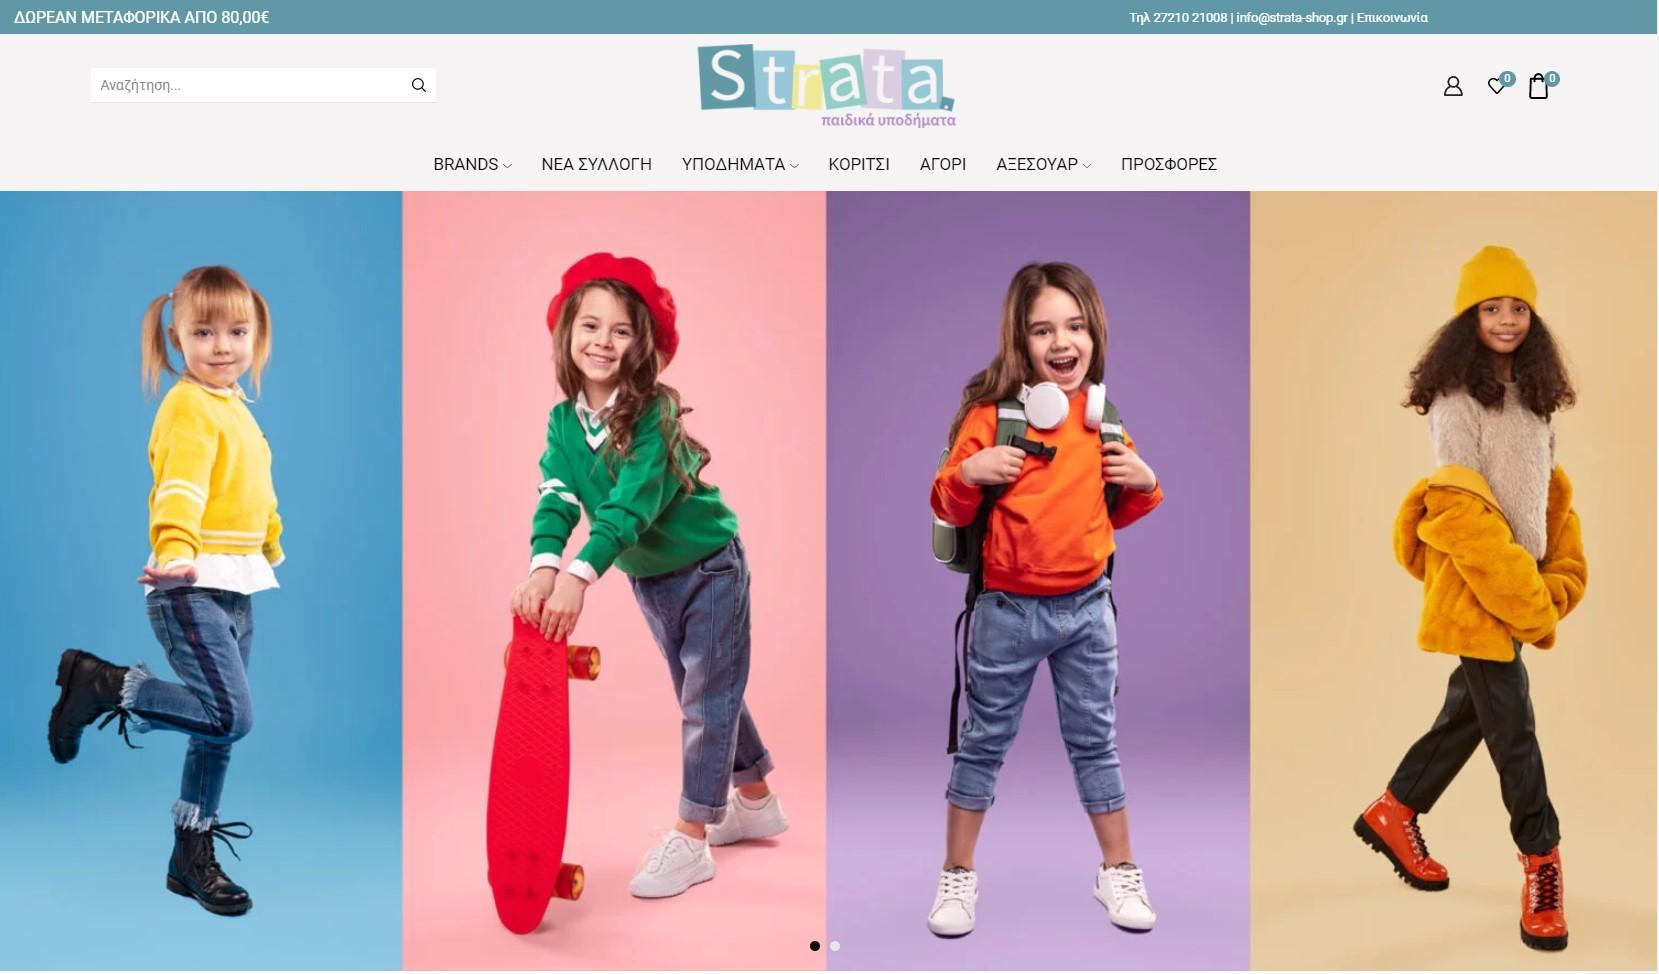 Δημιουργία ηλεκτρονικού καταστήματος | Strata-shop.gr